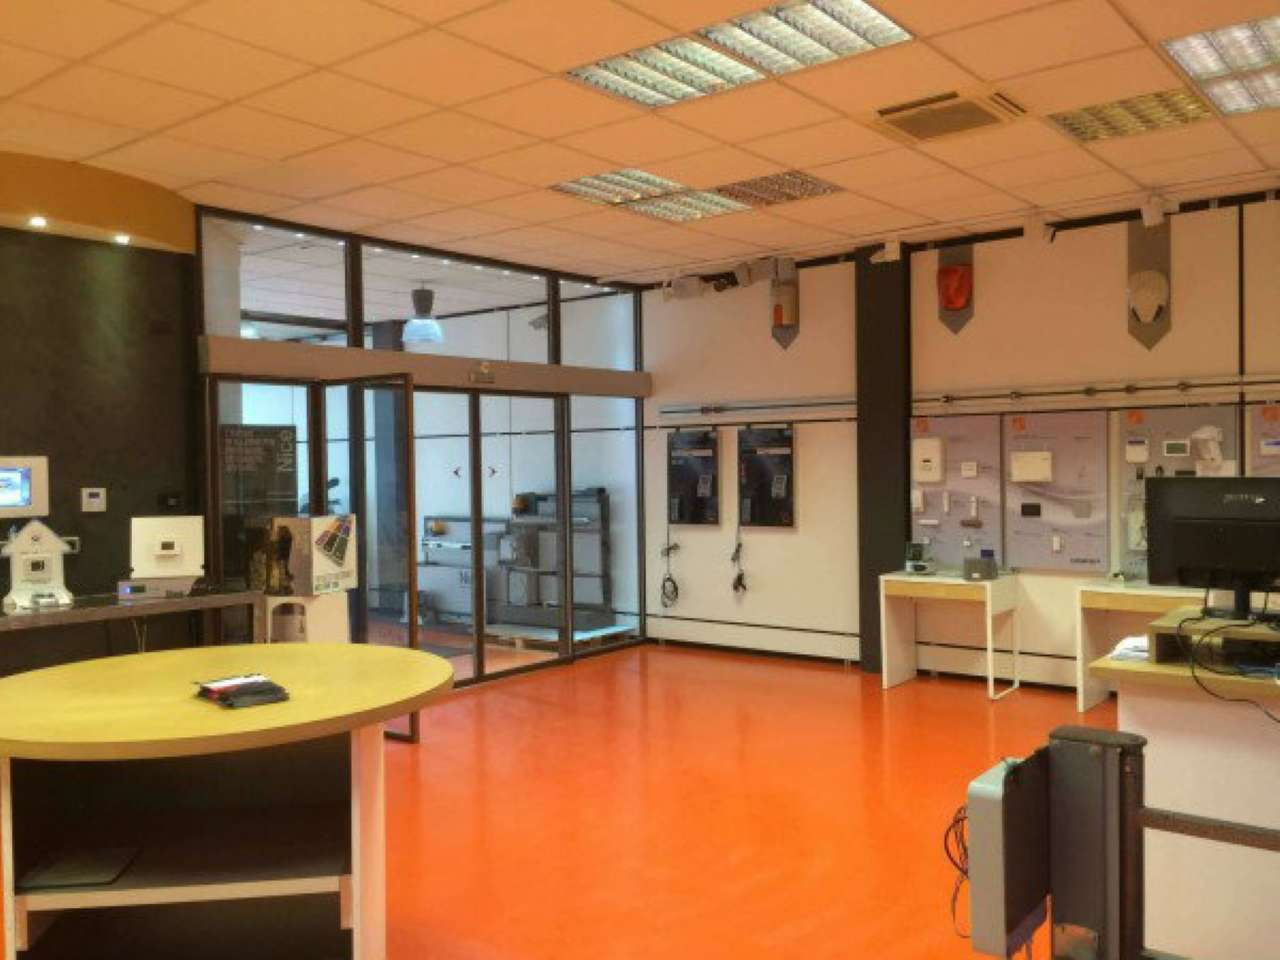 Capannone in vendita a Rivoli, 9999 locali, zona Località: CascineVica, prezzo € 550.000 | CambioCasa.it